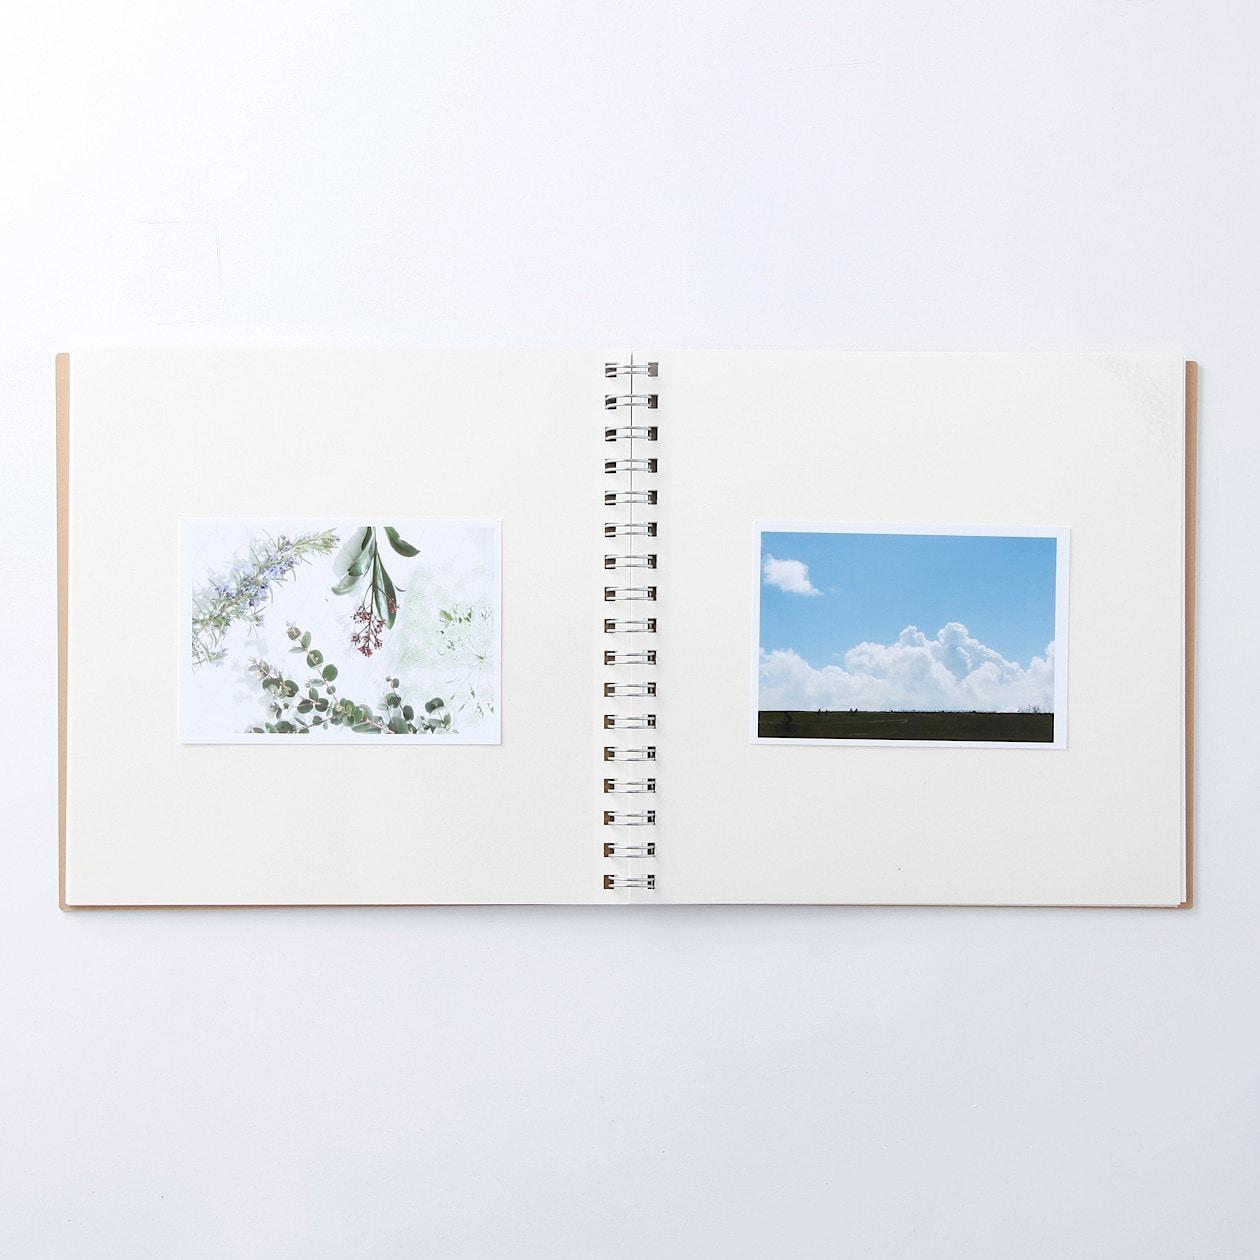 無印良品のスクラップブックの材料「台紙に書きこめる ダブルリングアルバム スクエア」